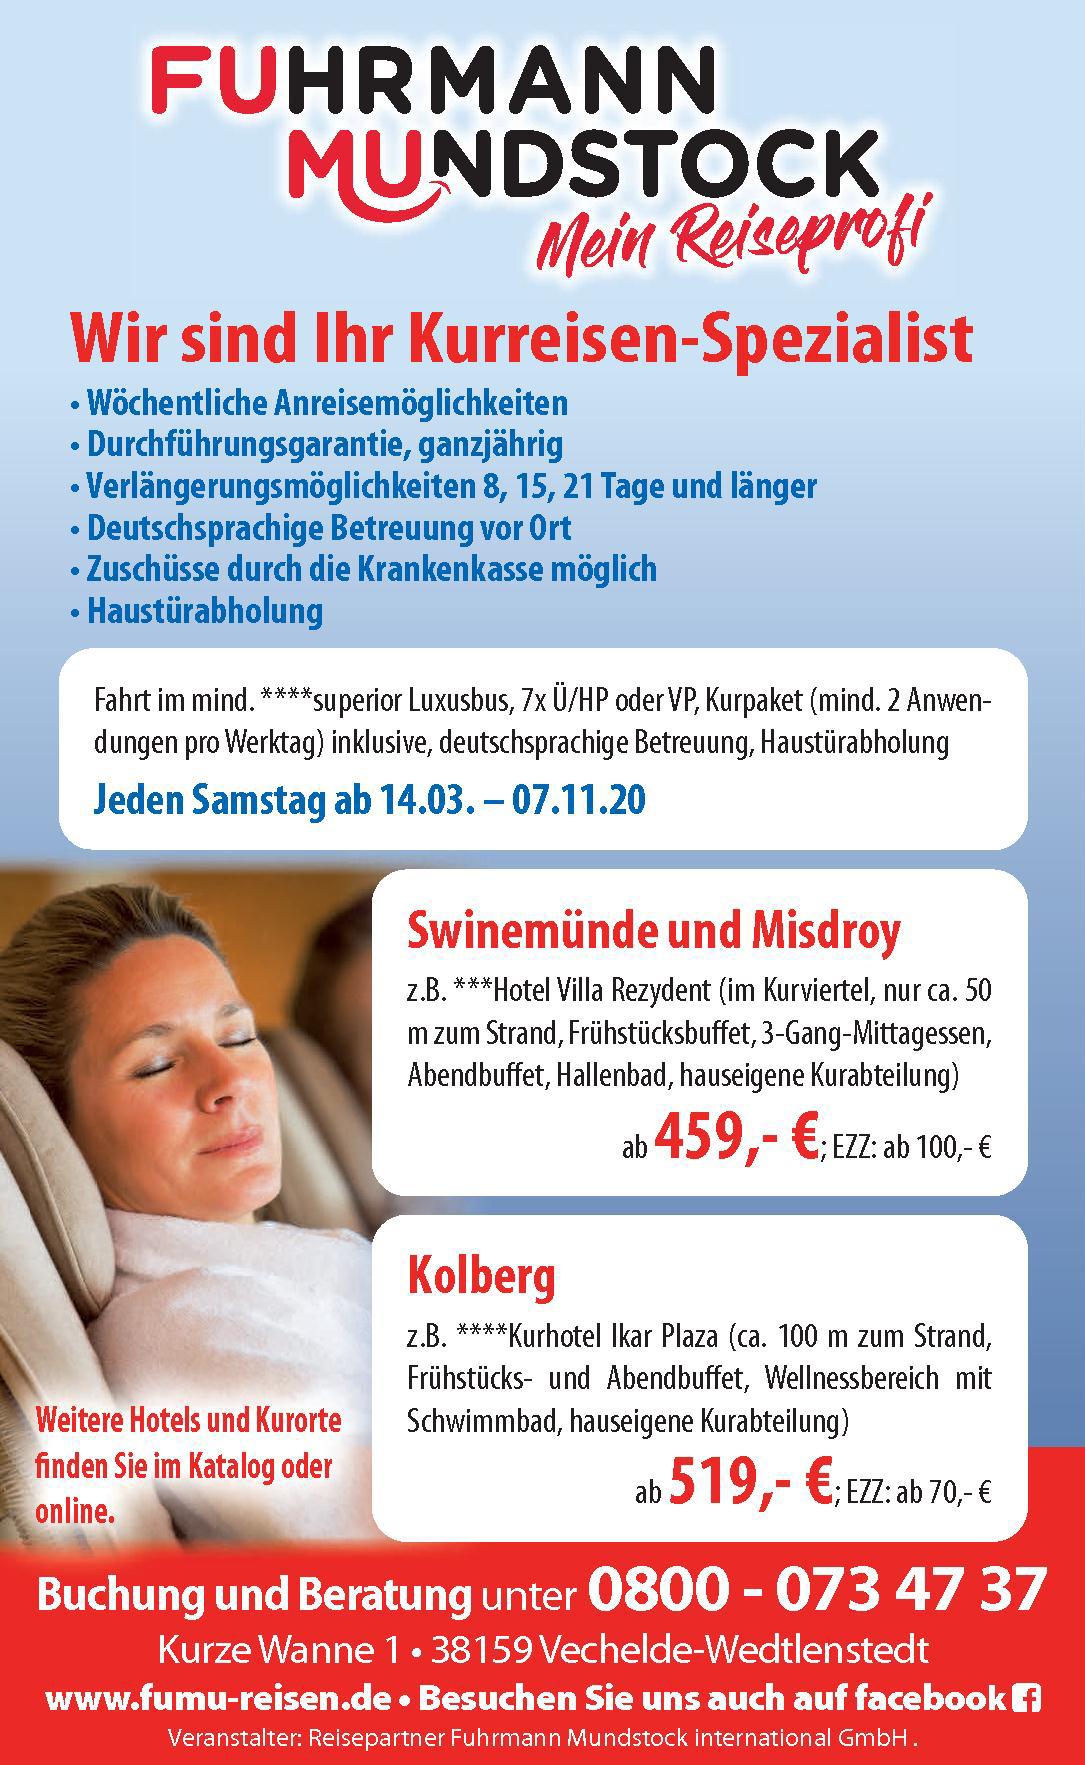 Reisepartner Fuhrmann Mundstock